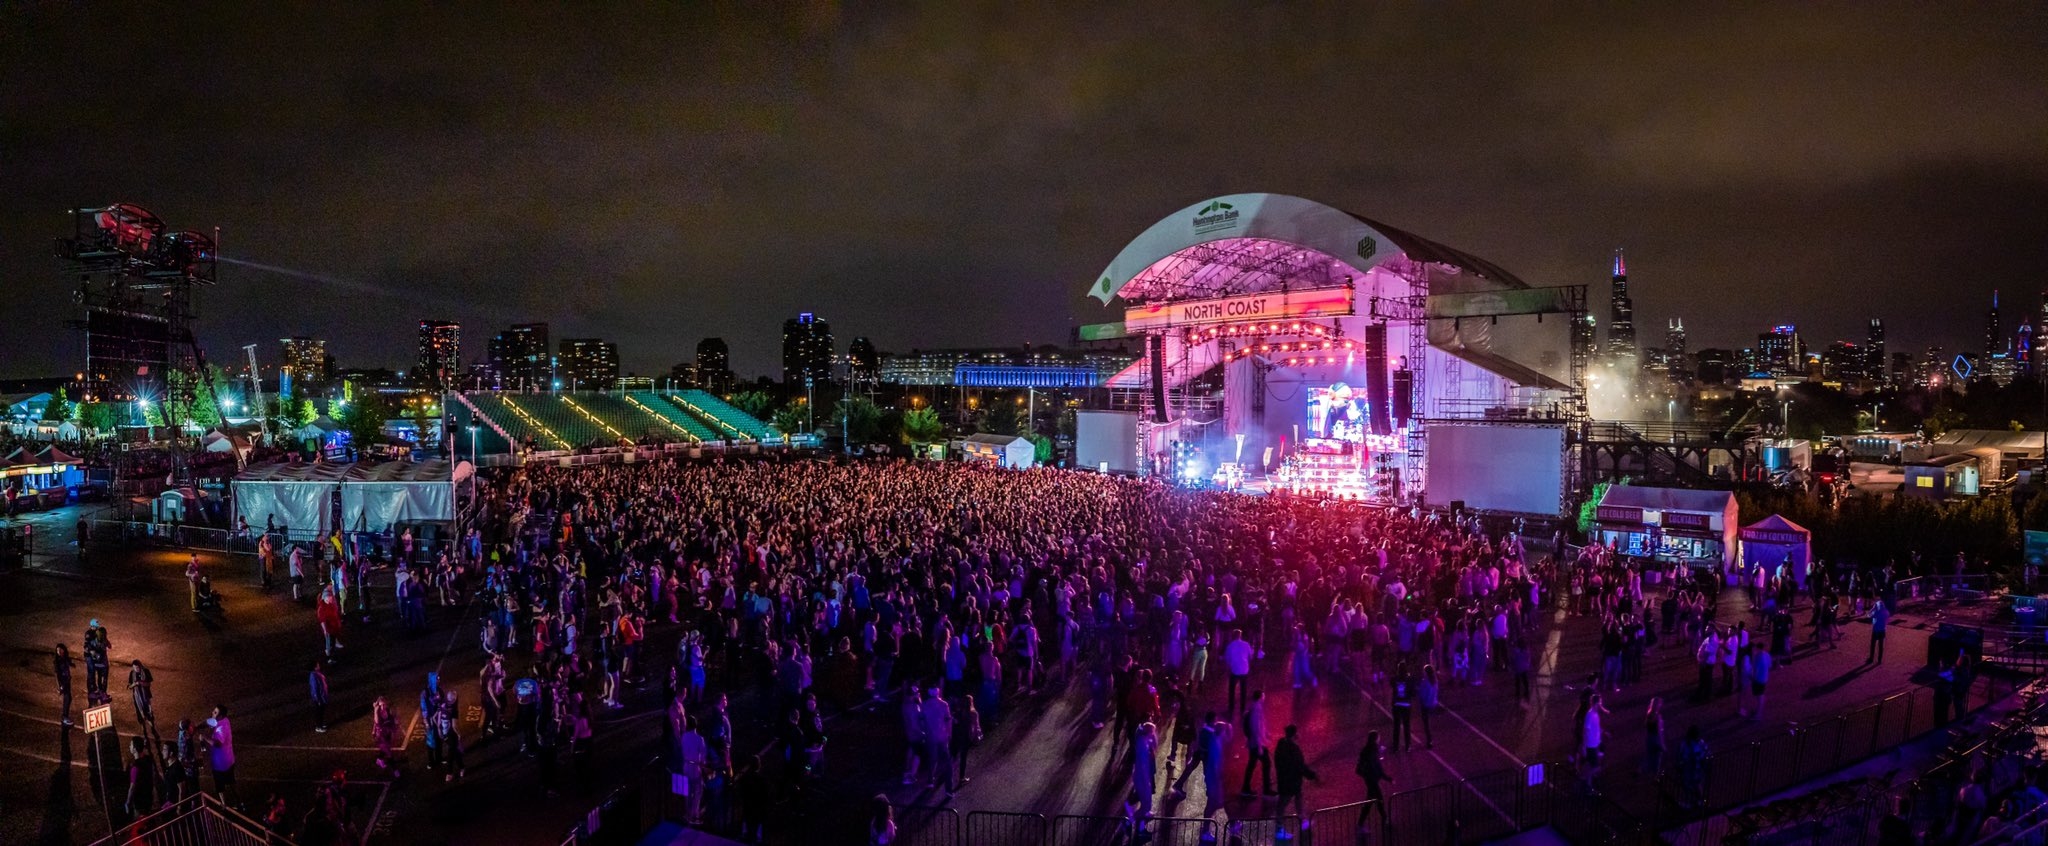 North Coast Music Festival 2019 photo - Saturday